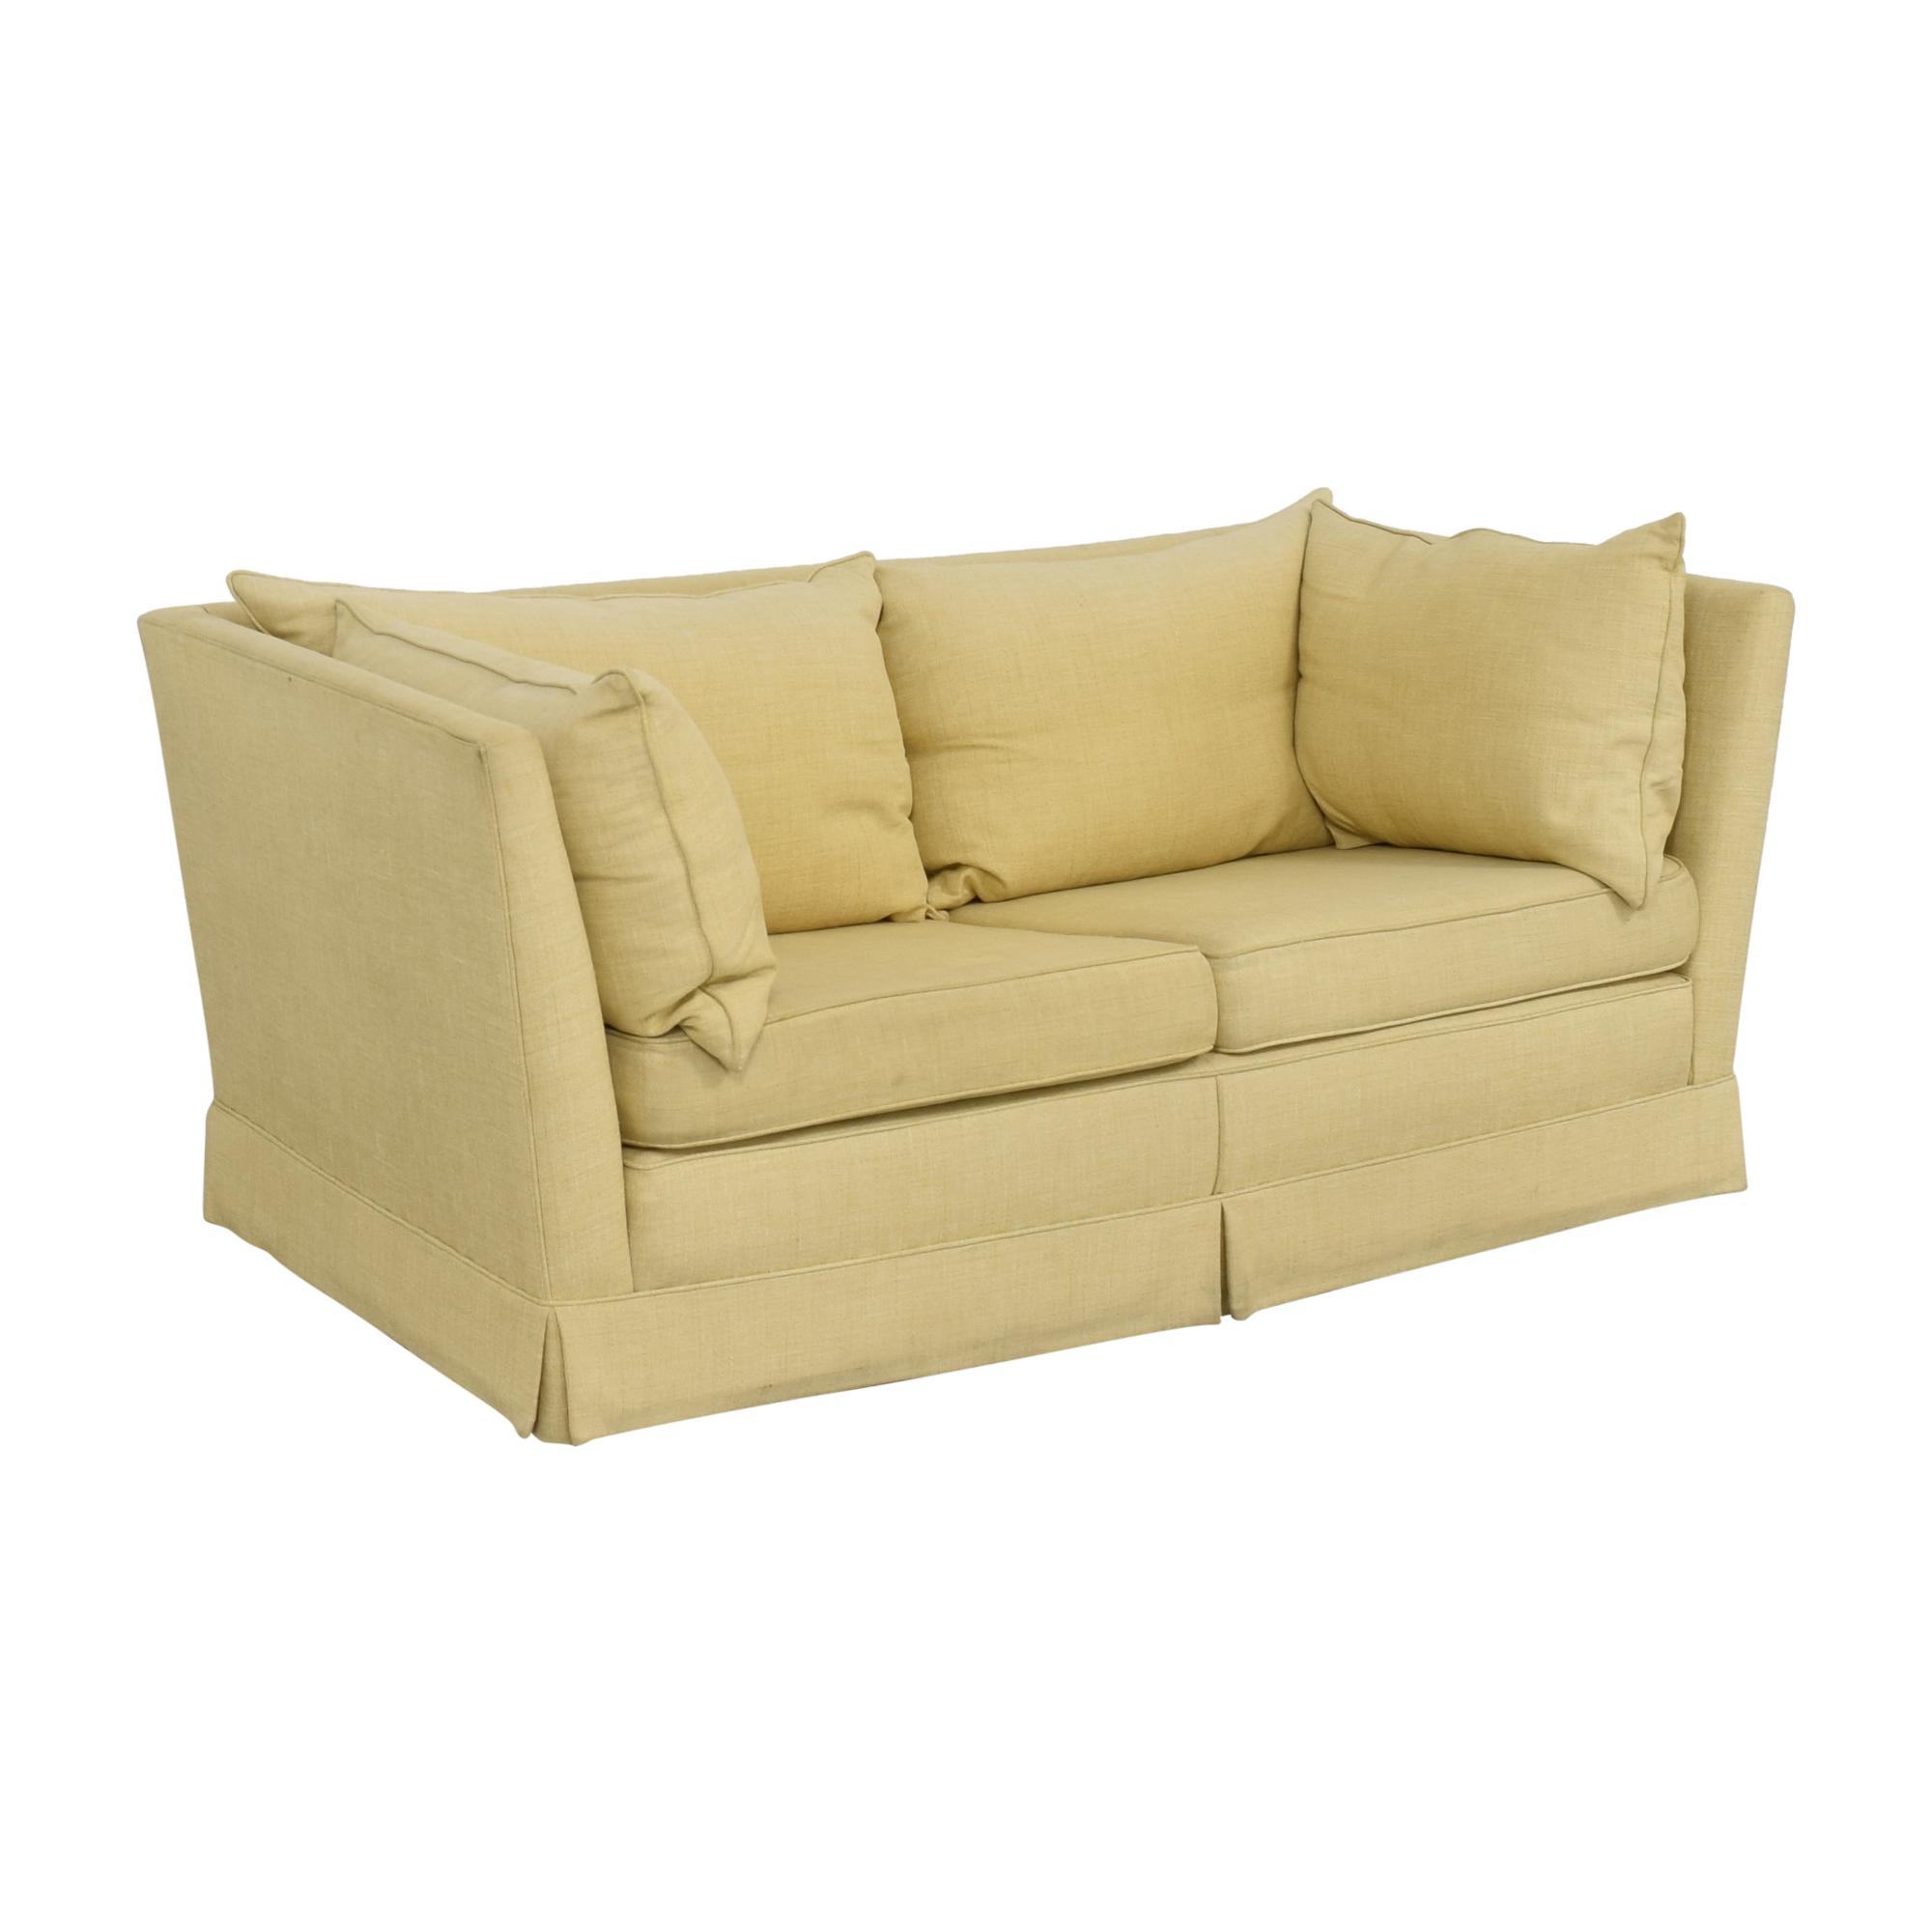 Custom Upholstered Shelter Arm Sofa / Sofas